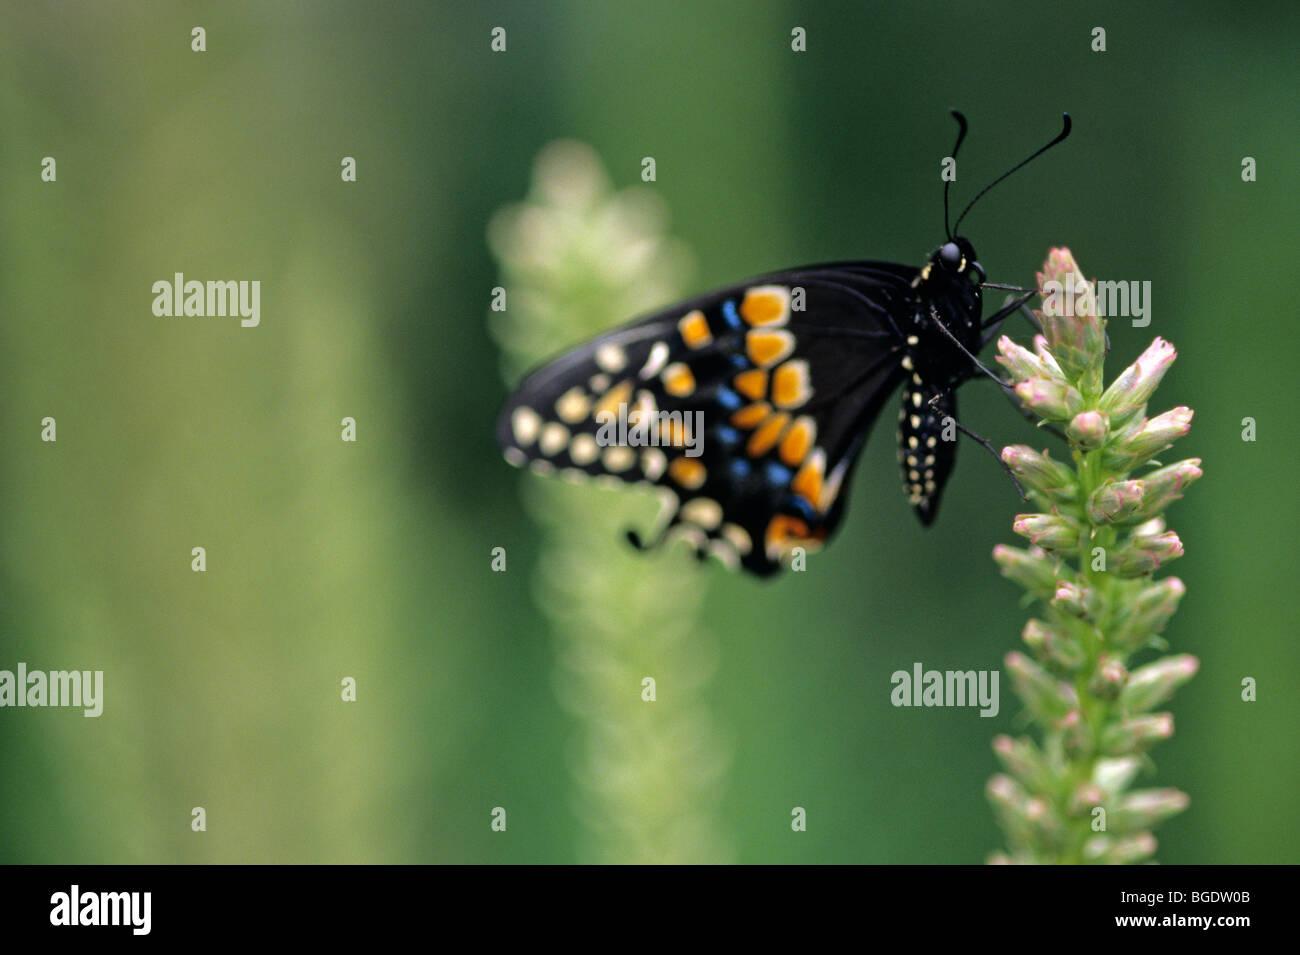 Parque Zoológico Woodland E. exhibición de mariposas Papilio polyxenes Especie () que aterrizaba en flor de Seattle, Washington State EE.UU. Foto de stock